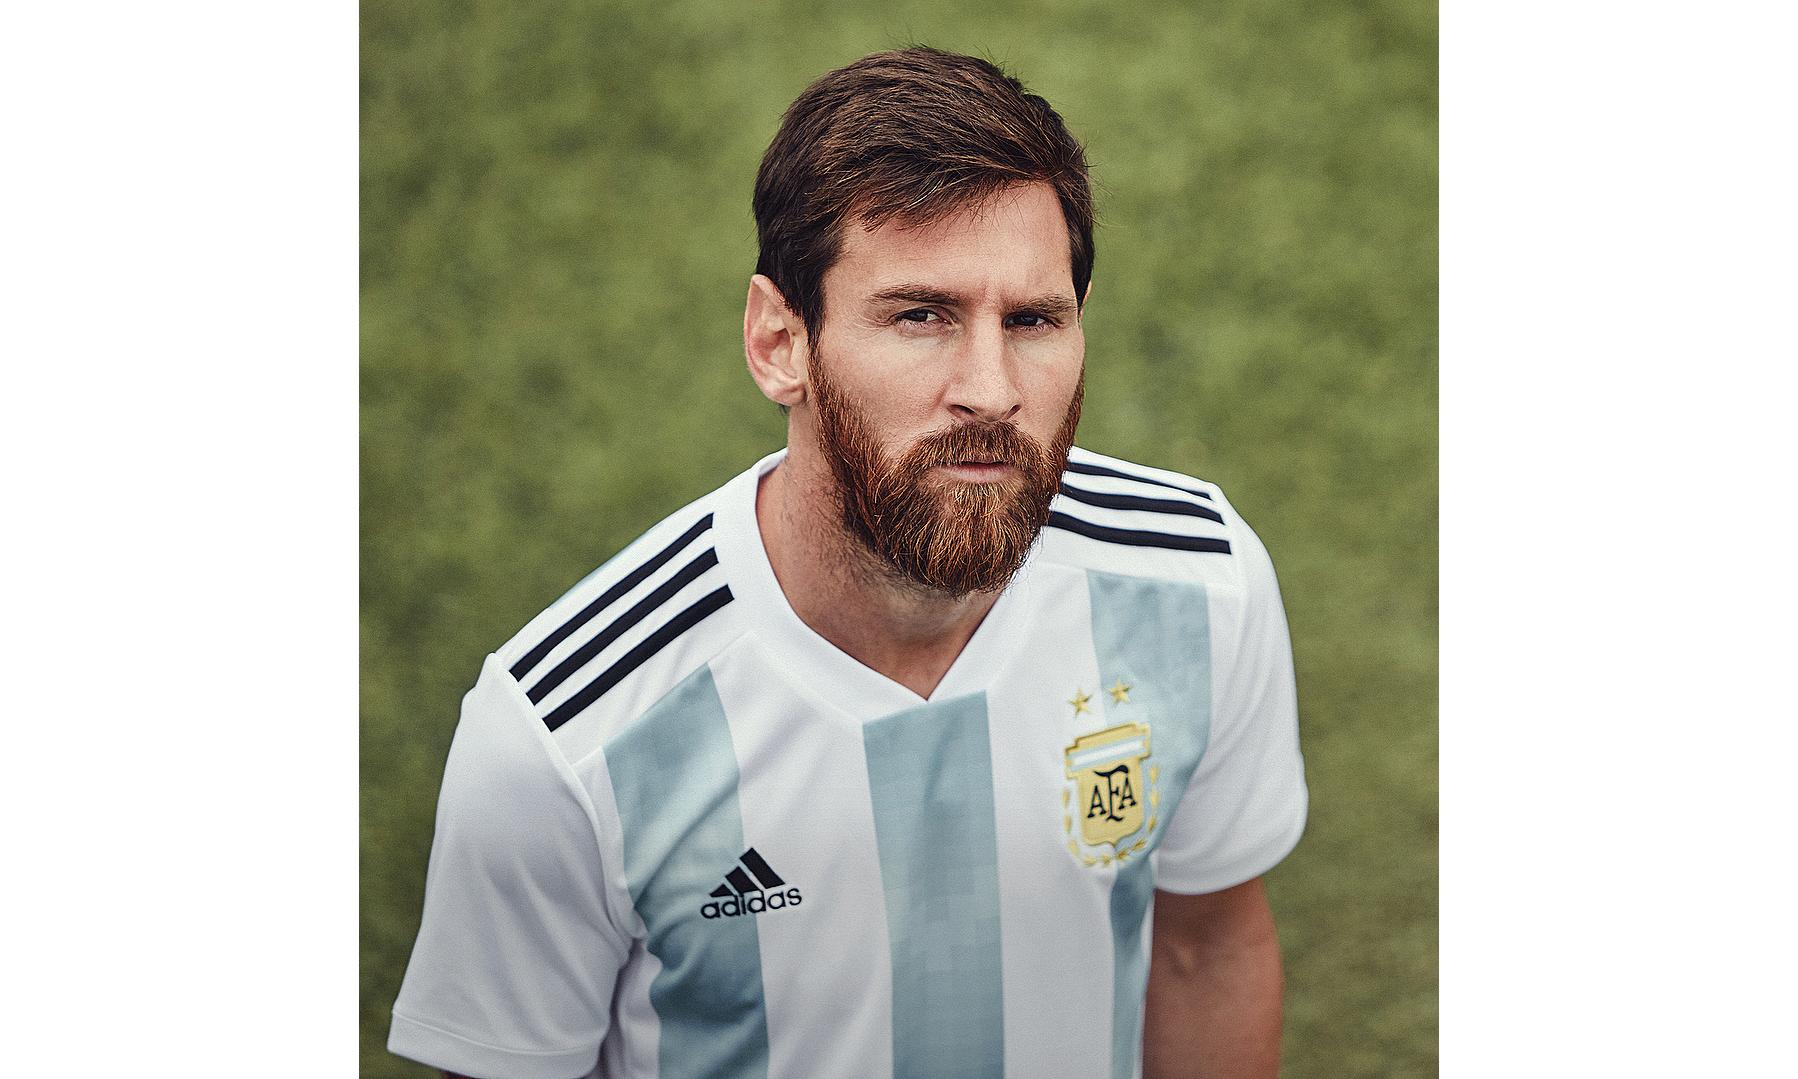 梅西领衔,adidas Football 发布 2018 世界杯多队主场战袍